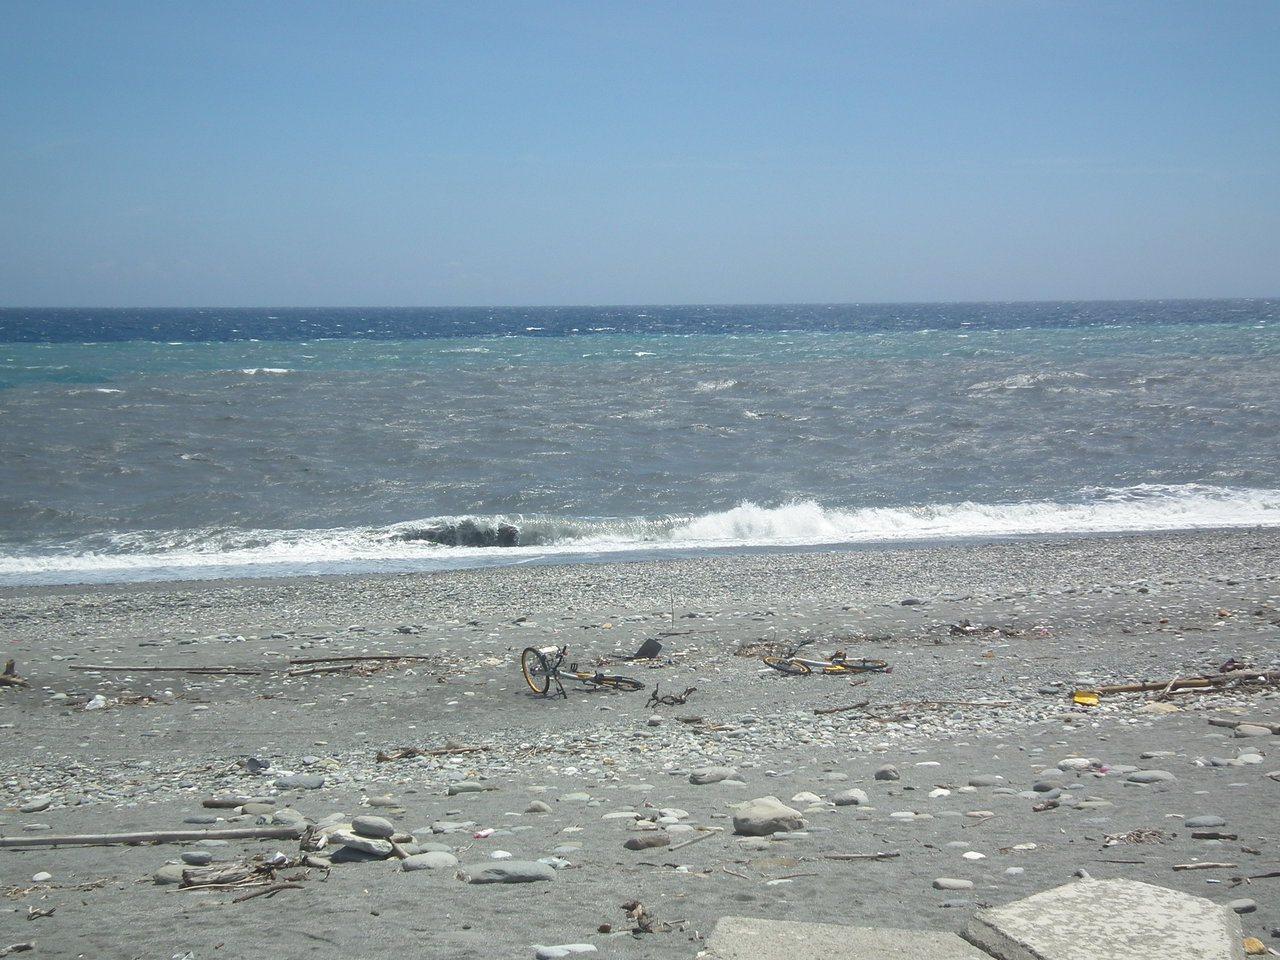 台東知名景點「國際地標」,2輛oBike疑遭惡意丟棄,橫躺沙灘上。記者尤聰光/攝...